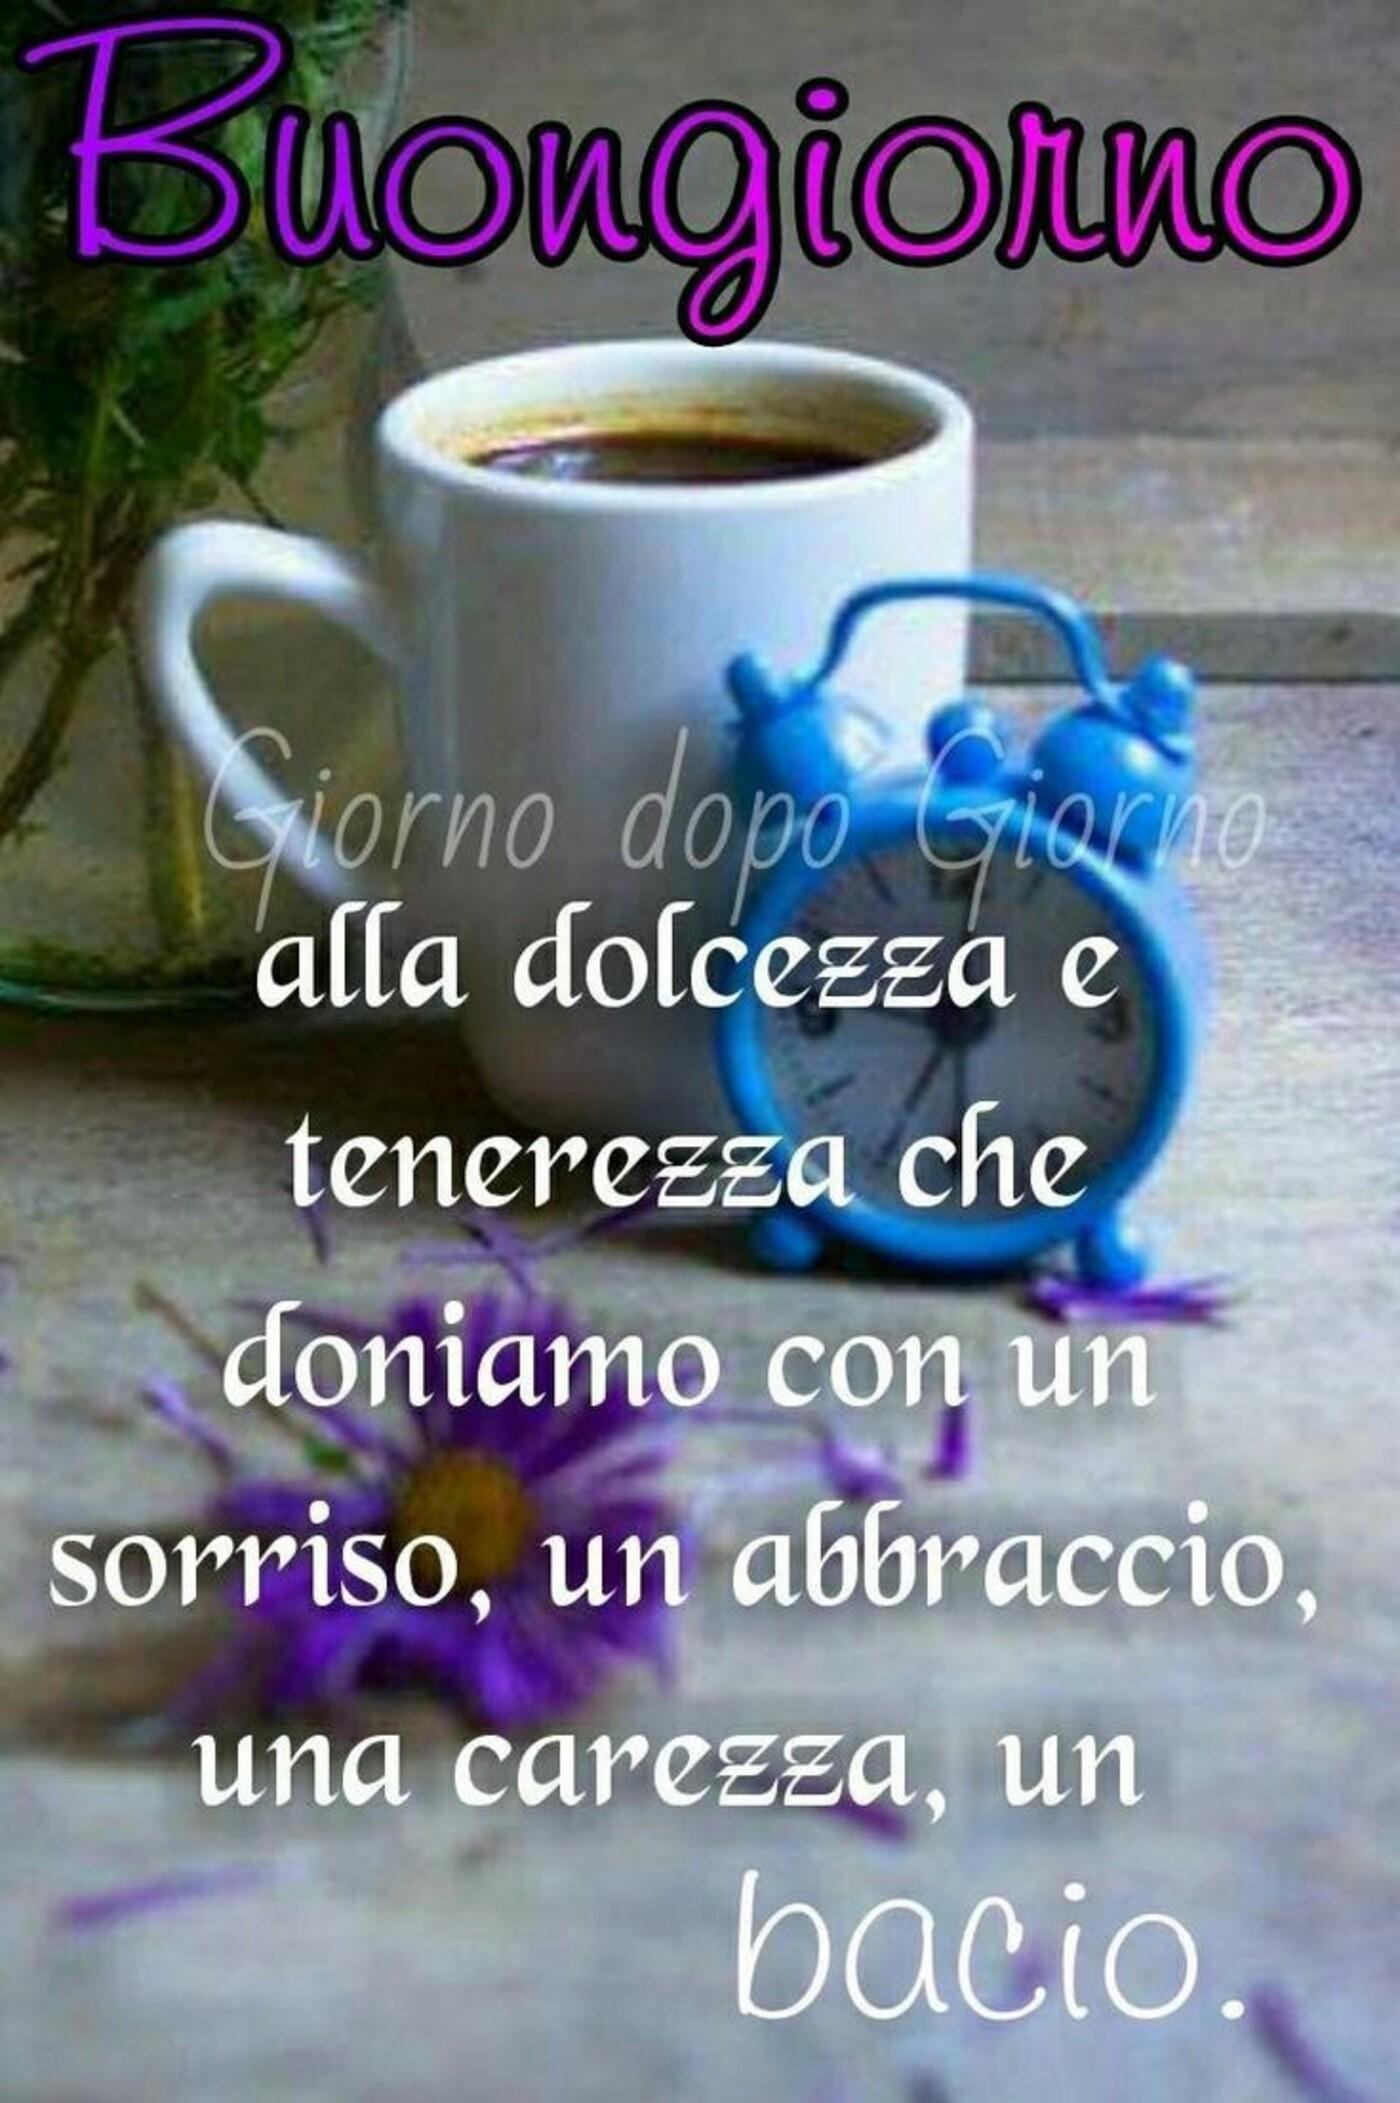 Buongiorno alla dolcezza e tenerezza che doniamo con un sorriso, un abbraccio, una carezza, un bacio.